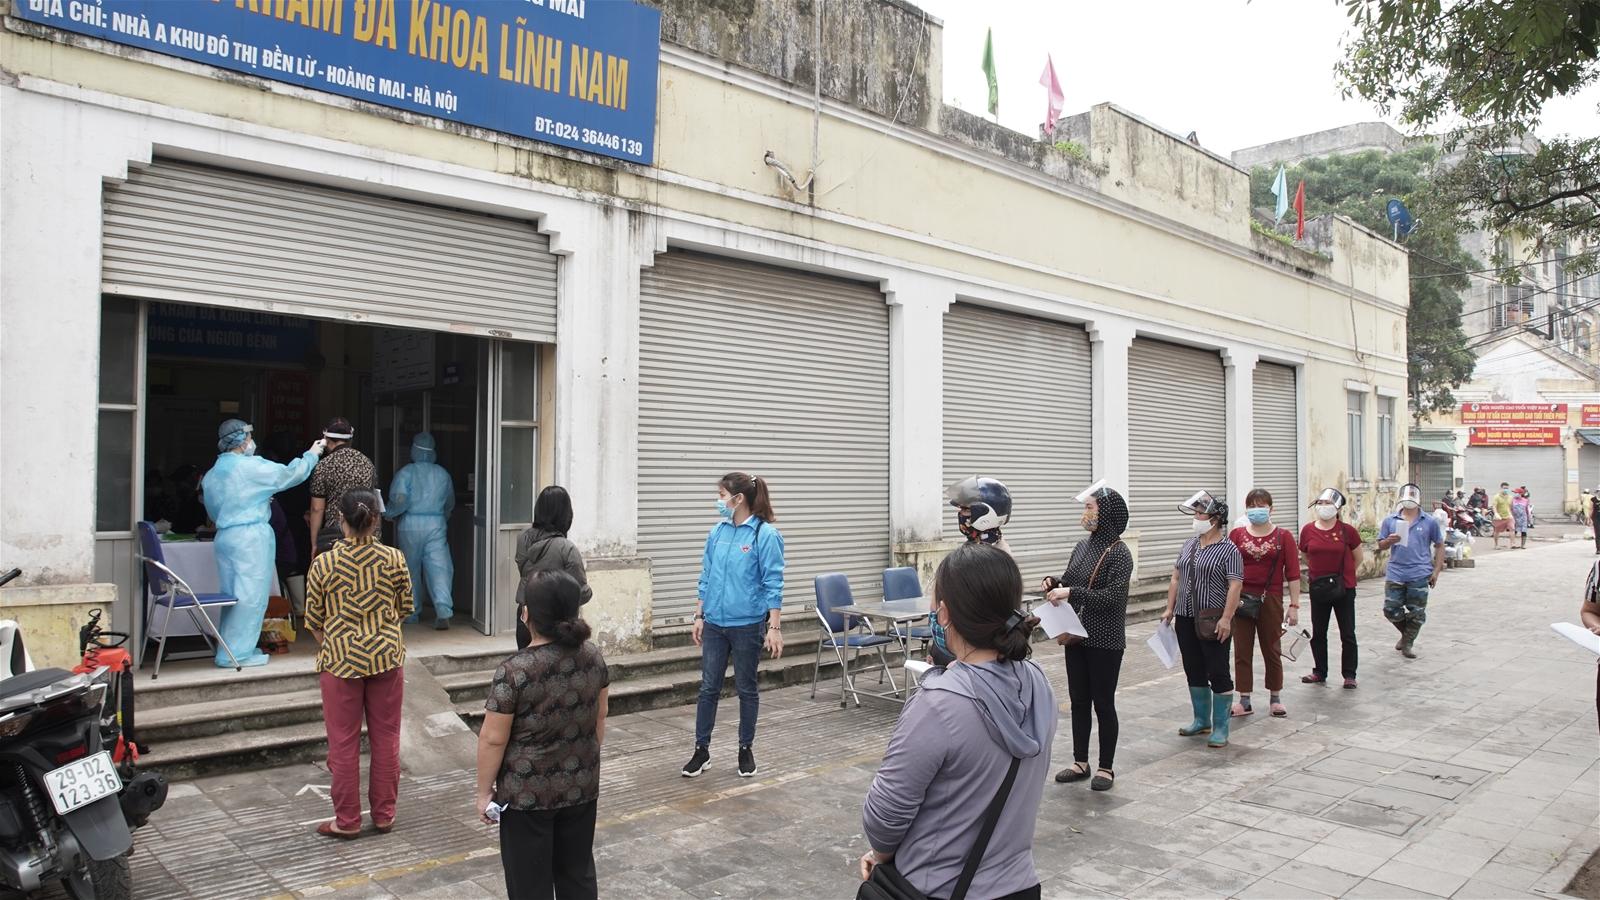 Hà Nội: Test sàng lọc Covid-19 tại chợ đầu mối phía Nam, Hoàng Mai